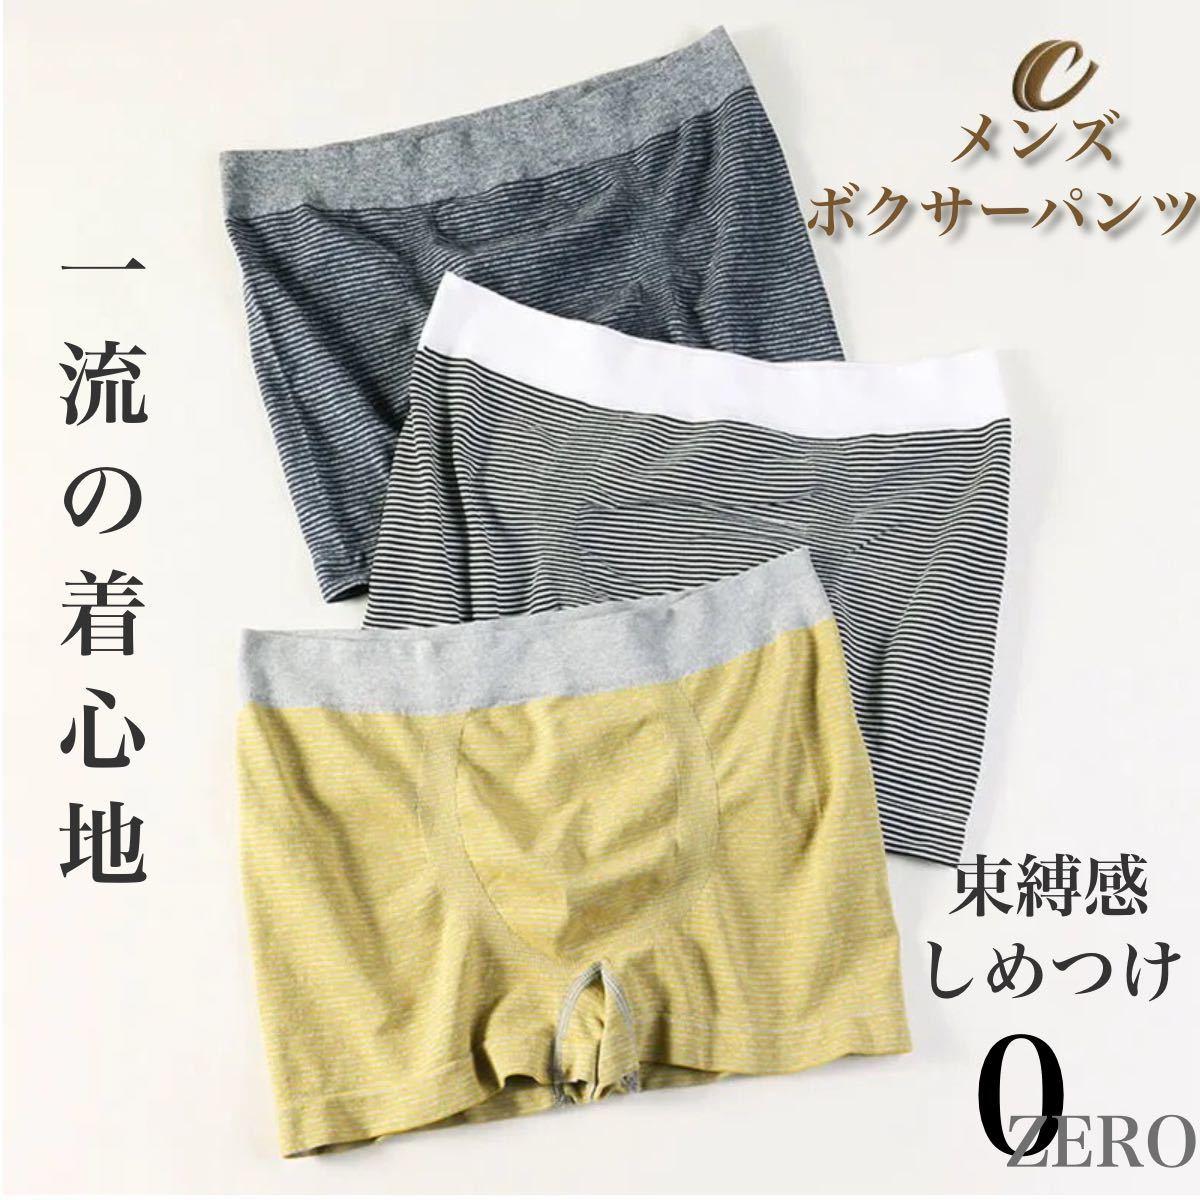 ボクサーパンツ メンズ 極伸び 3枚セット 男性下着 前閉じ シームレス 綿 大きめサイズ まとめ買い ボクサーブリーフ